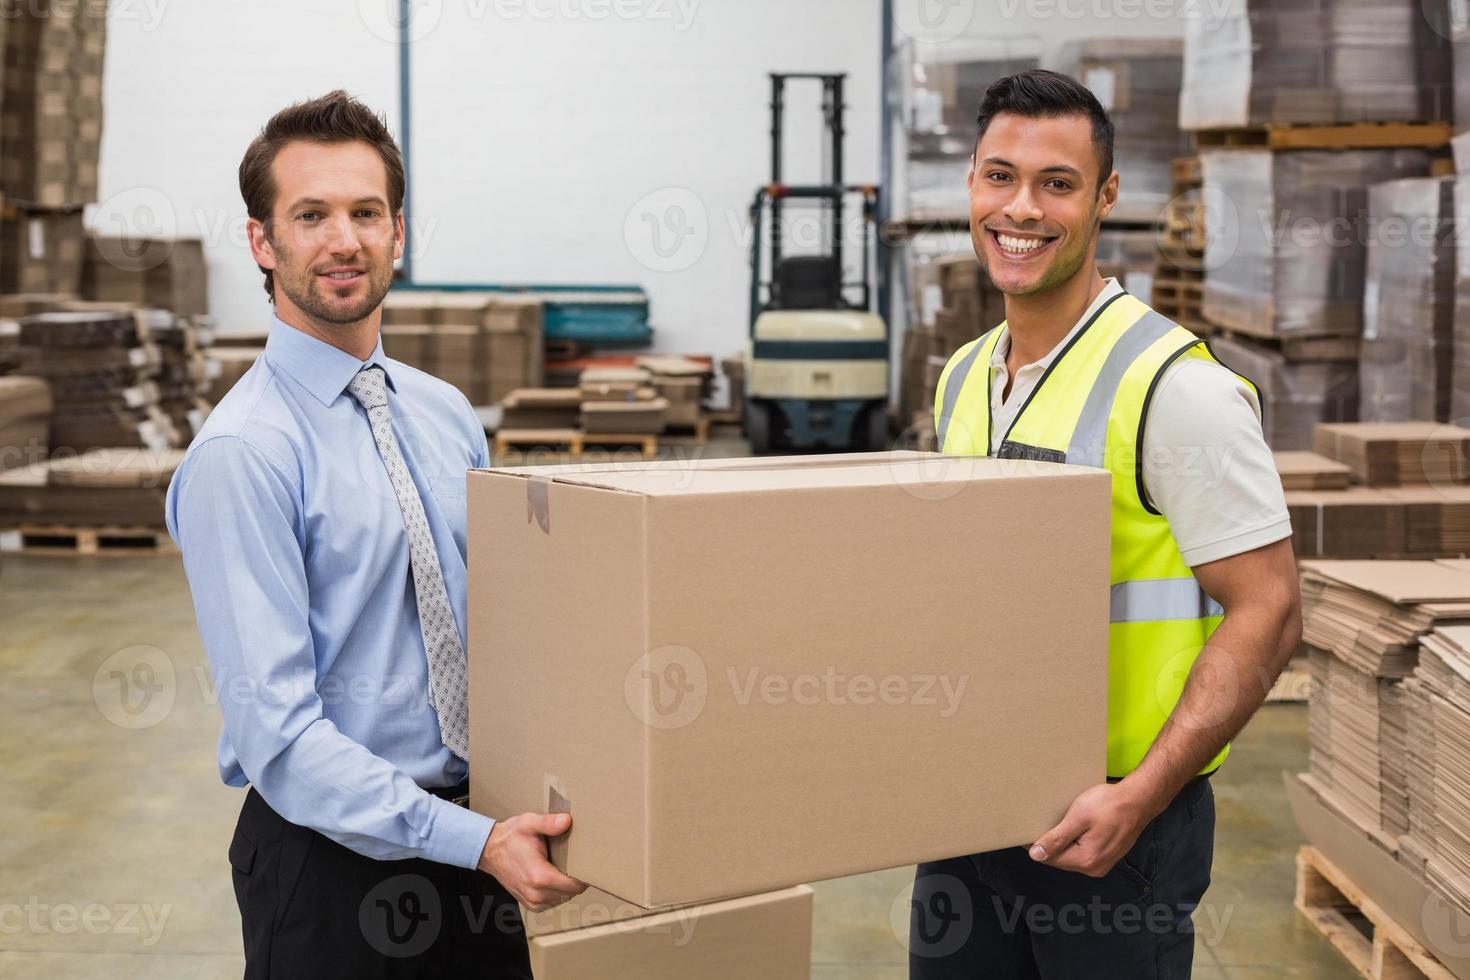 employé d'entrepôt et gestionnaire passant une boîte photo